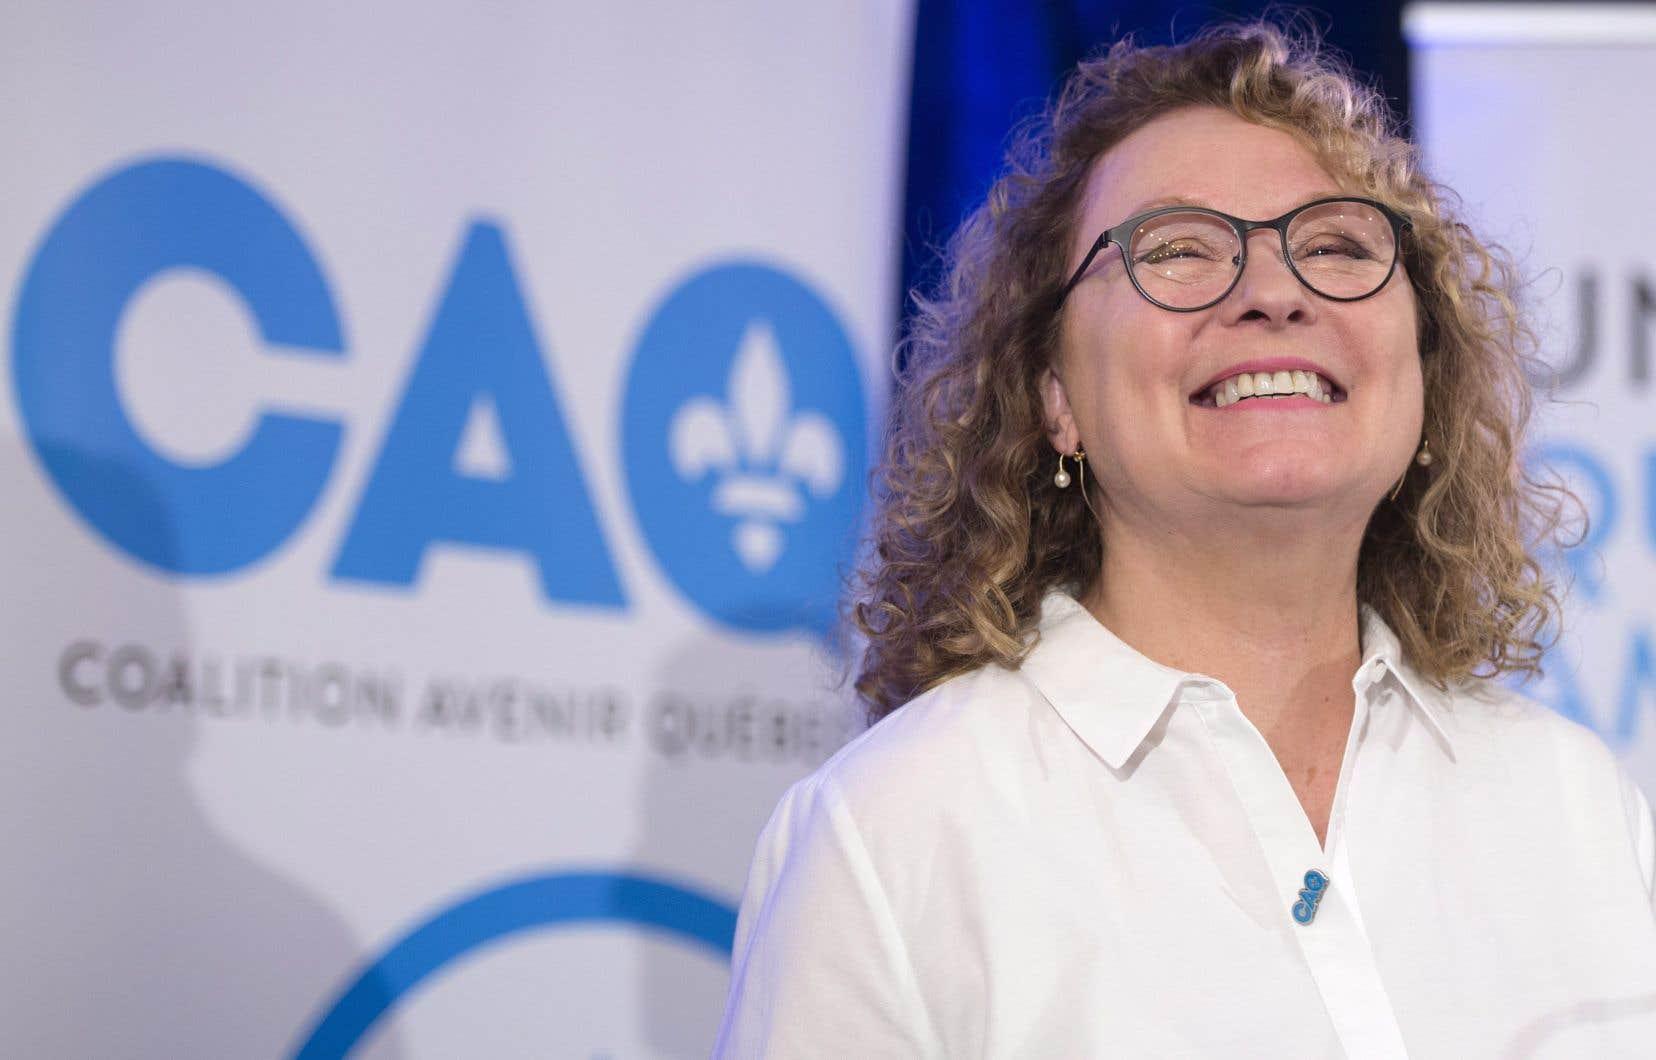 Marguerite Blais a confirmé vendredi qu'elle portera les couleurs de la CAQ dans Prévost lors de la prochaine campagne électorale.